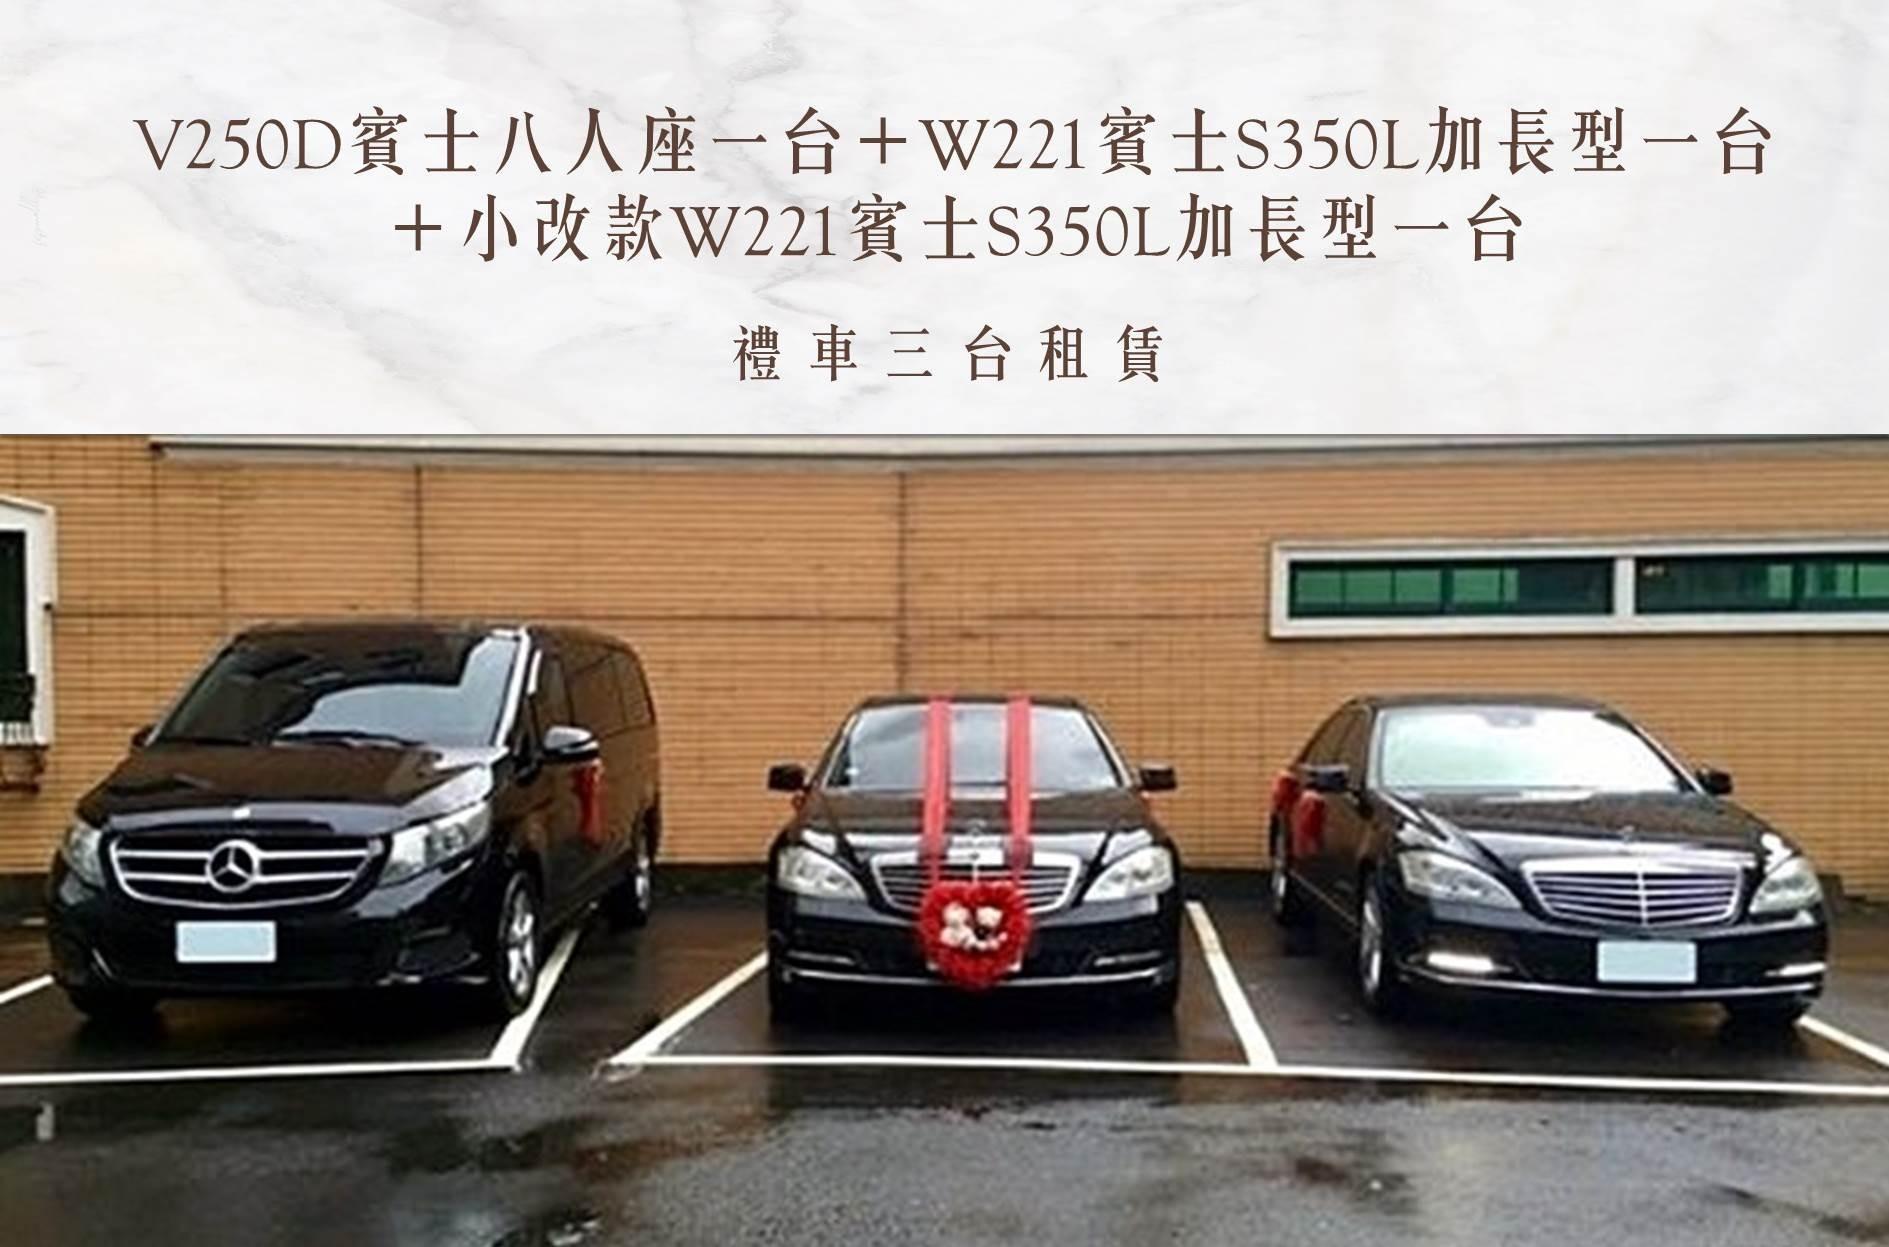 V250D賓士八人座一台+W221賓士S350L加長型一台+小改款W221賓士S350L加長型一台